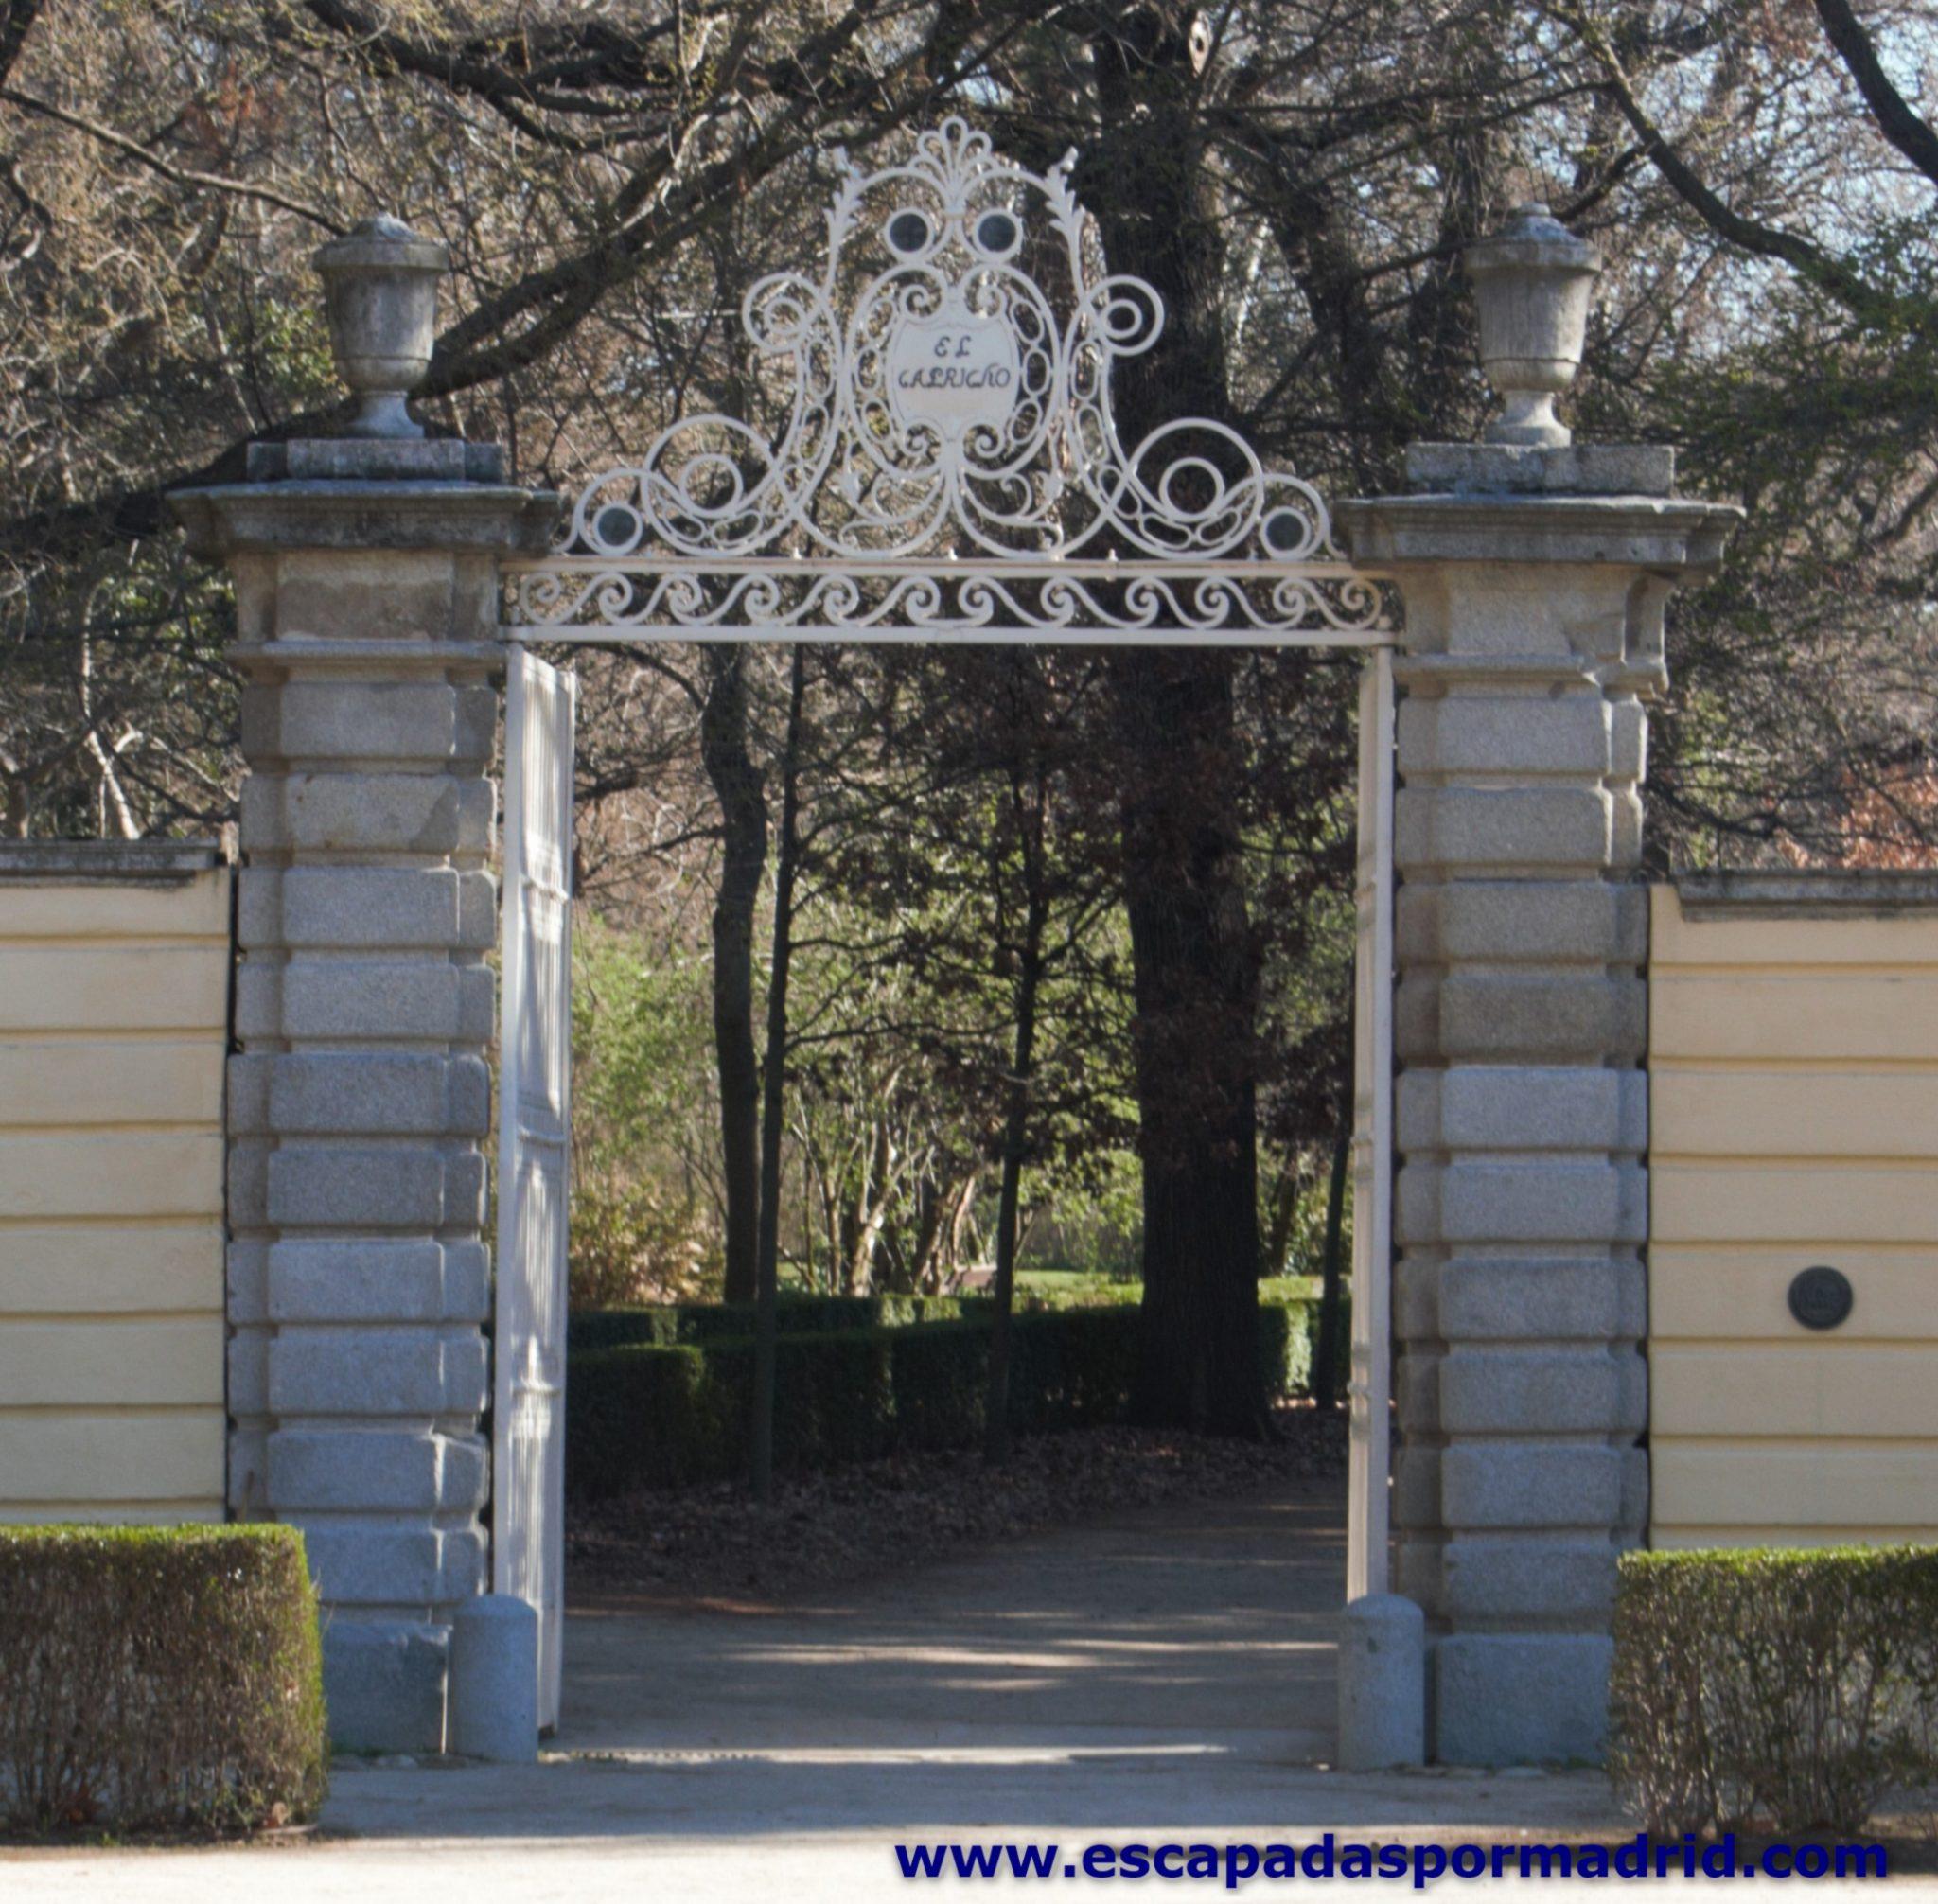 foto de entrada al Parque del Capricho